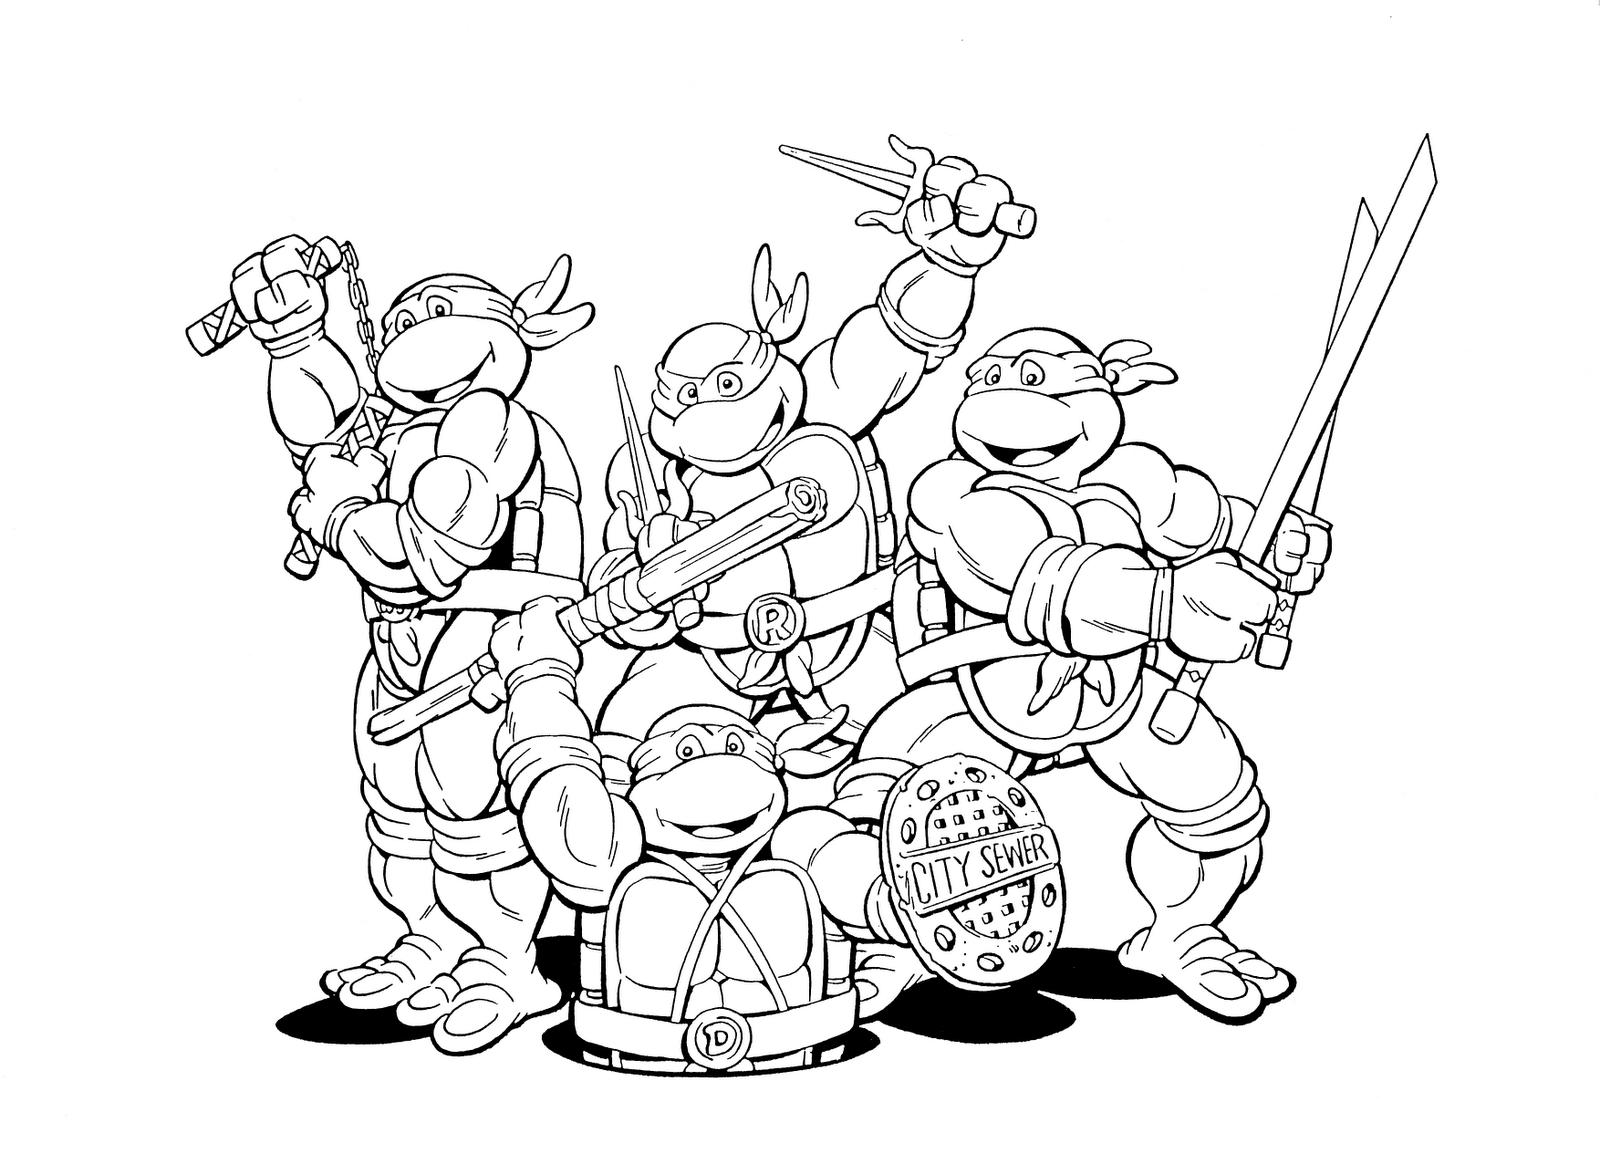 Mutant Ninja Turtles Coloring Pages Chloe